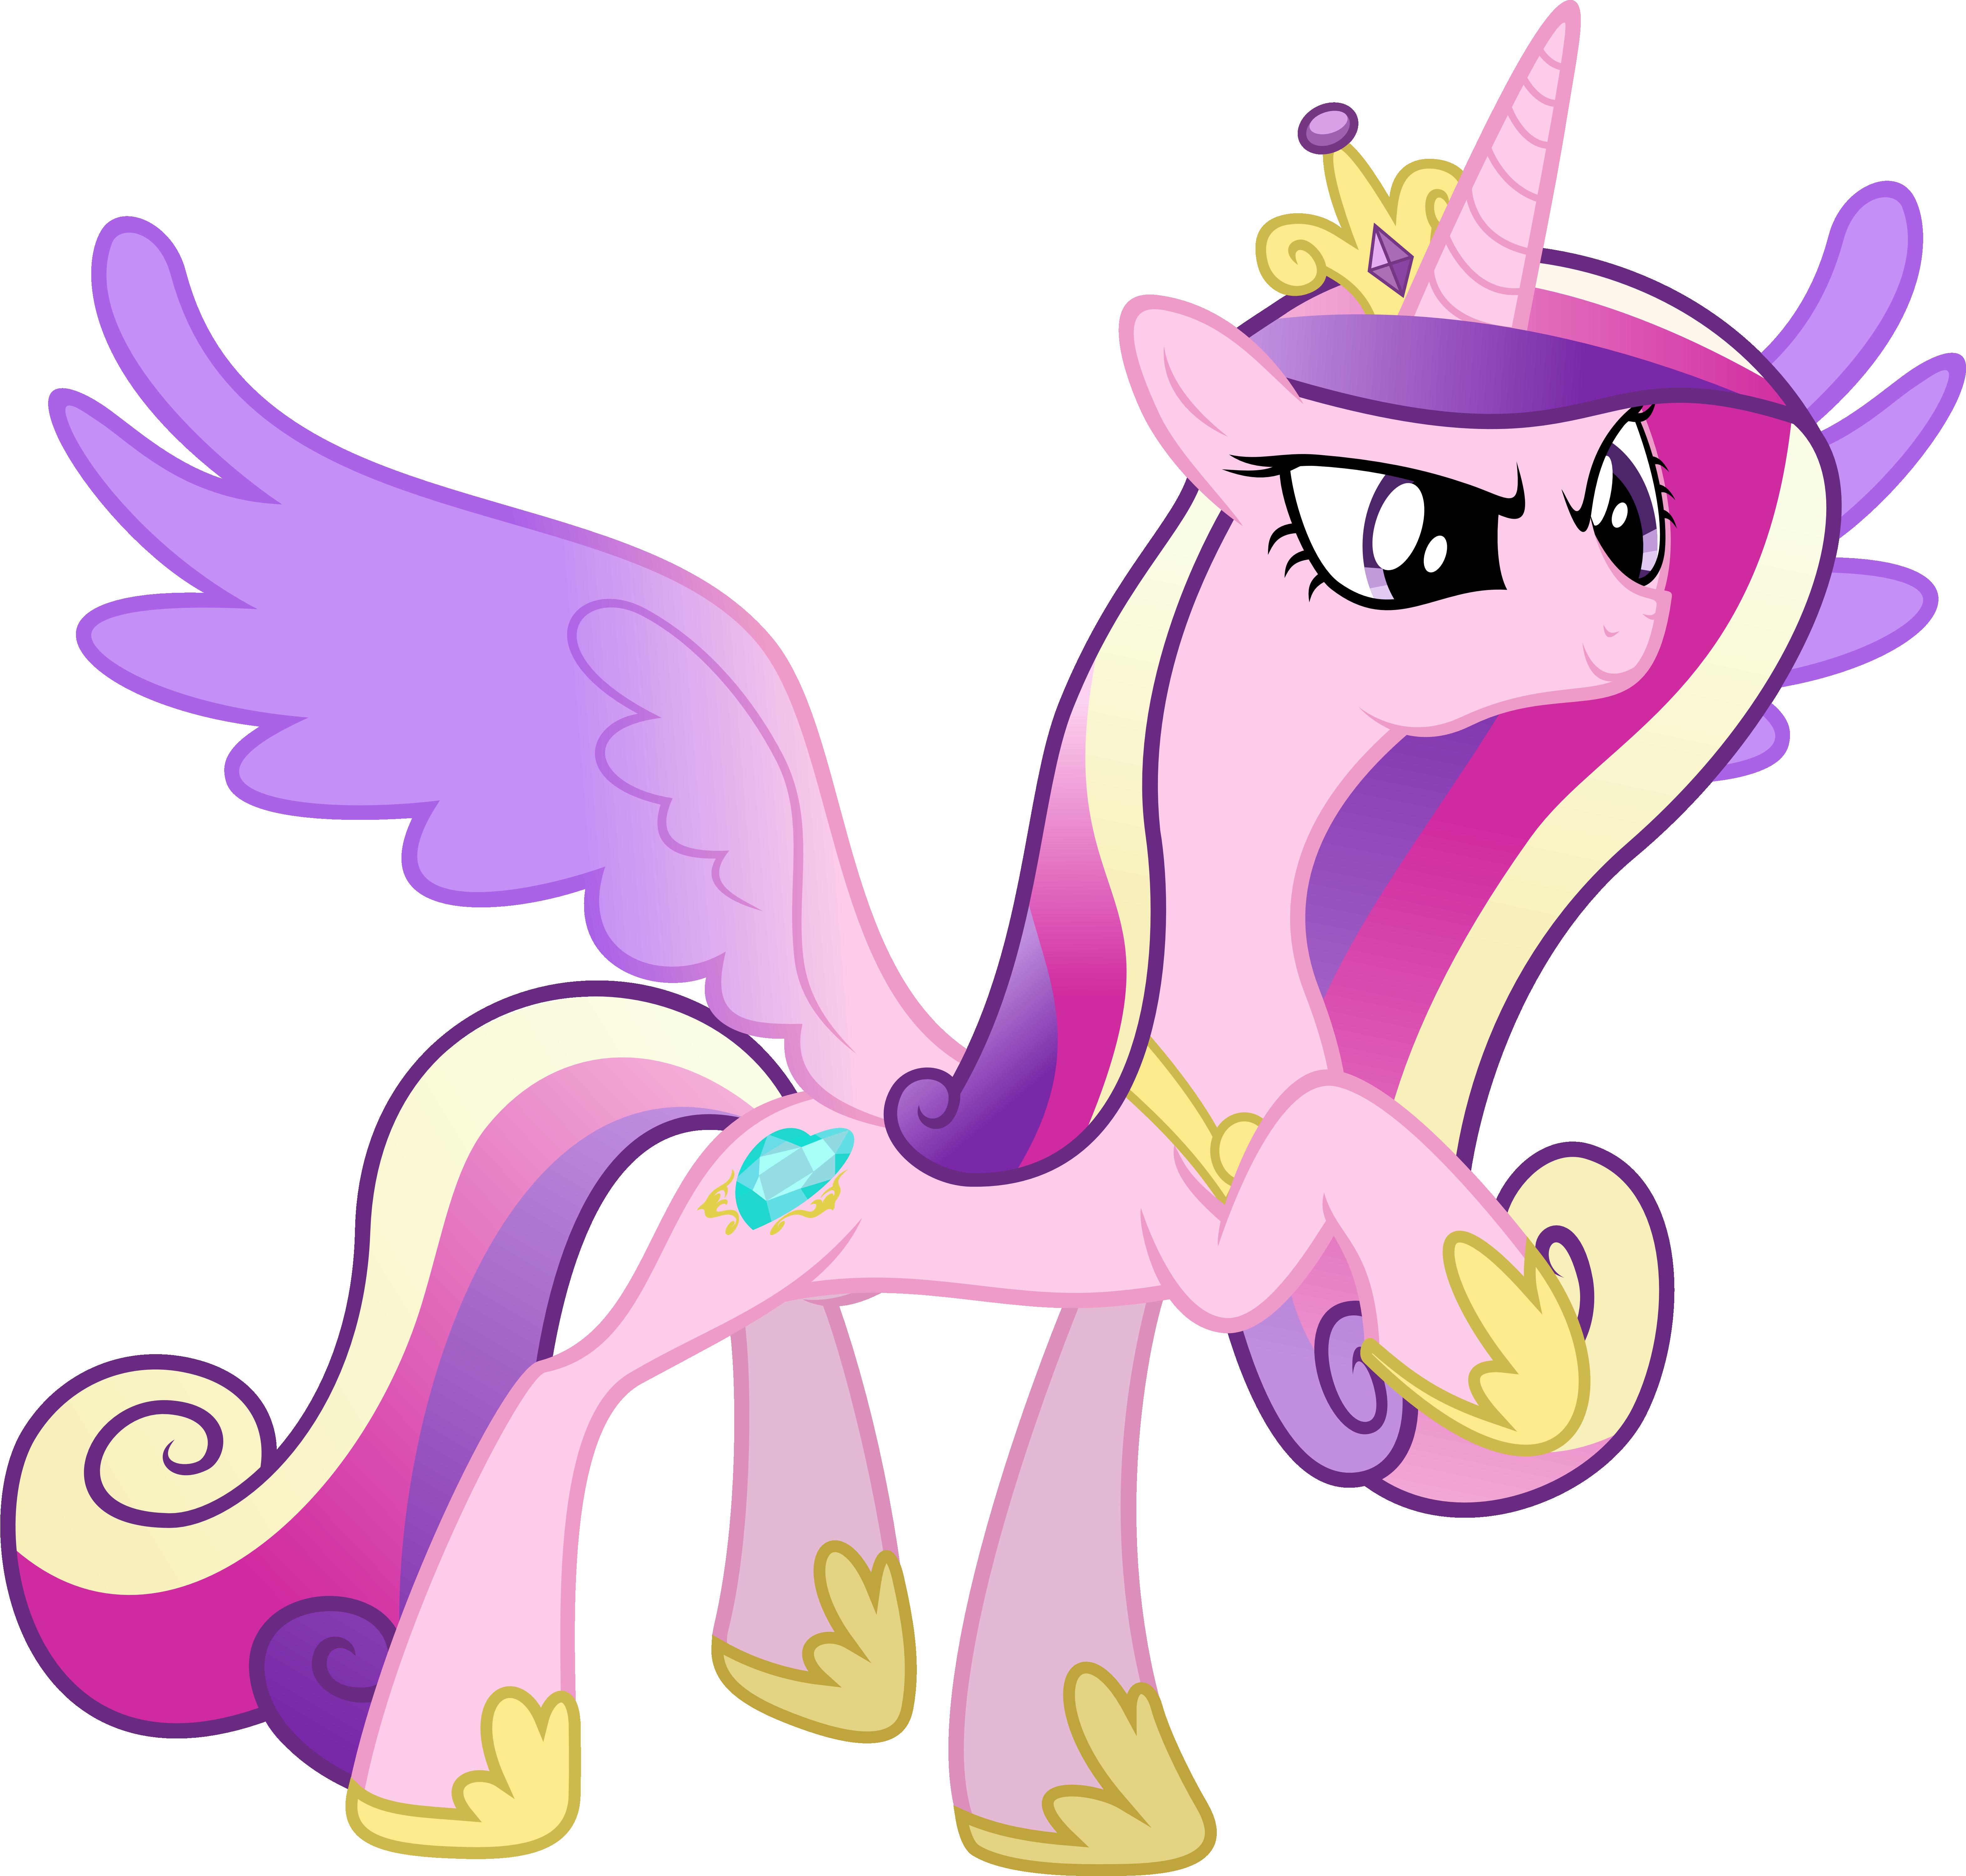 Top ten mlp characters top tens - Princesse cadance ...